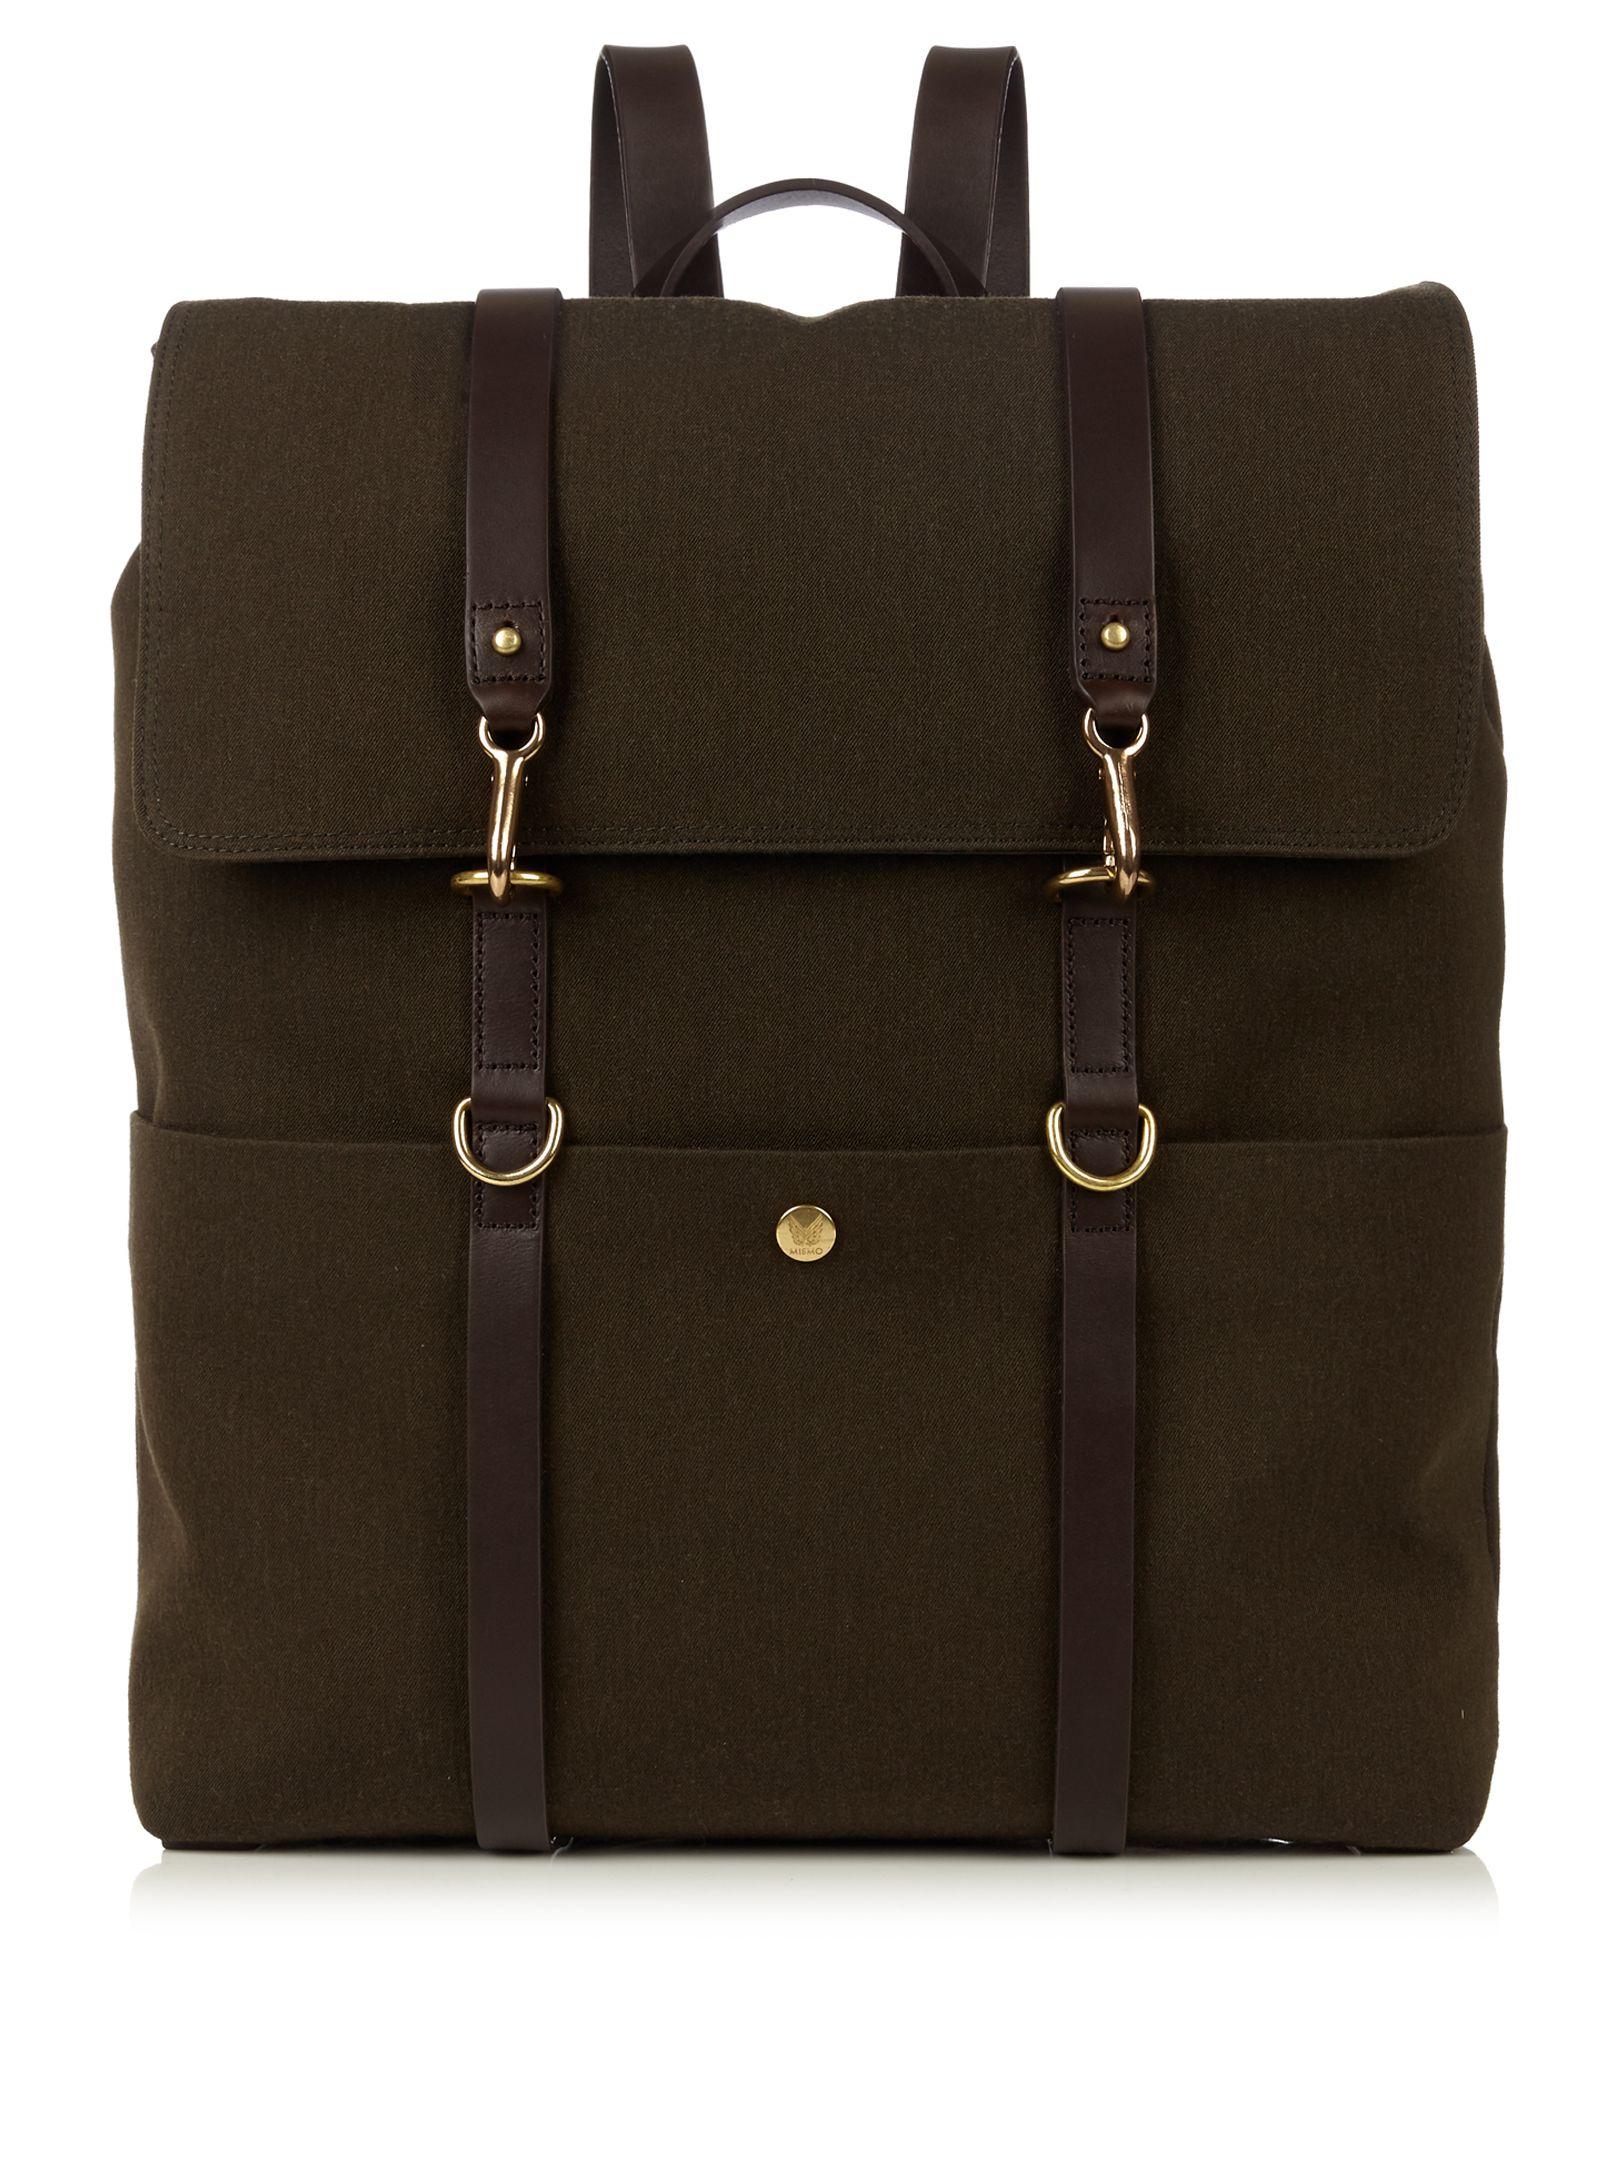 05ab711faf M S waterproof backpack